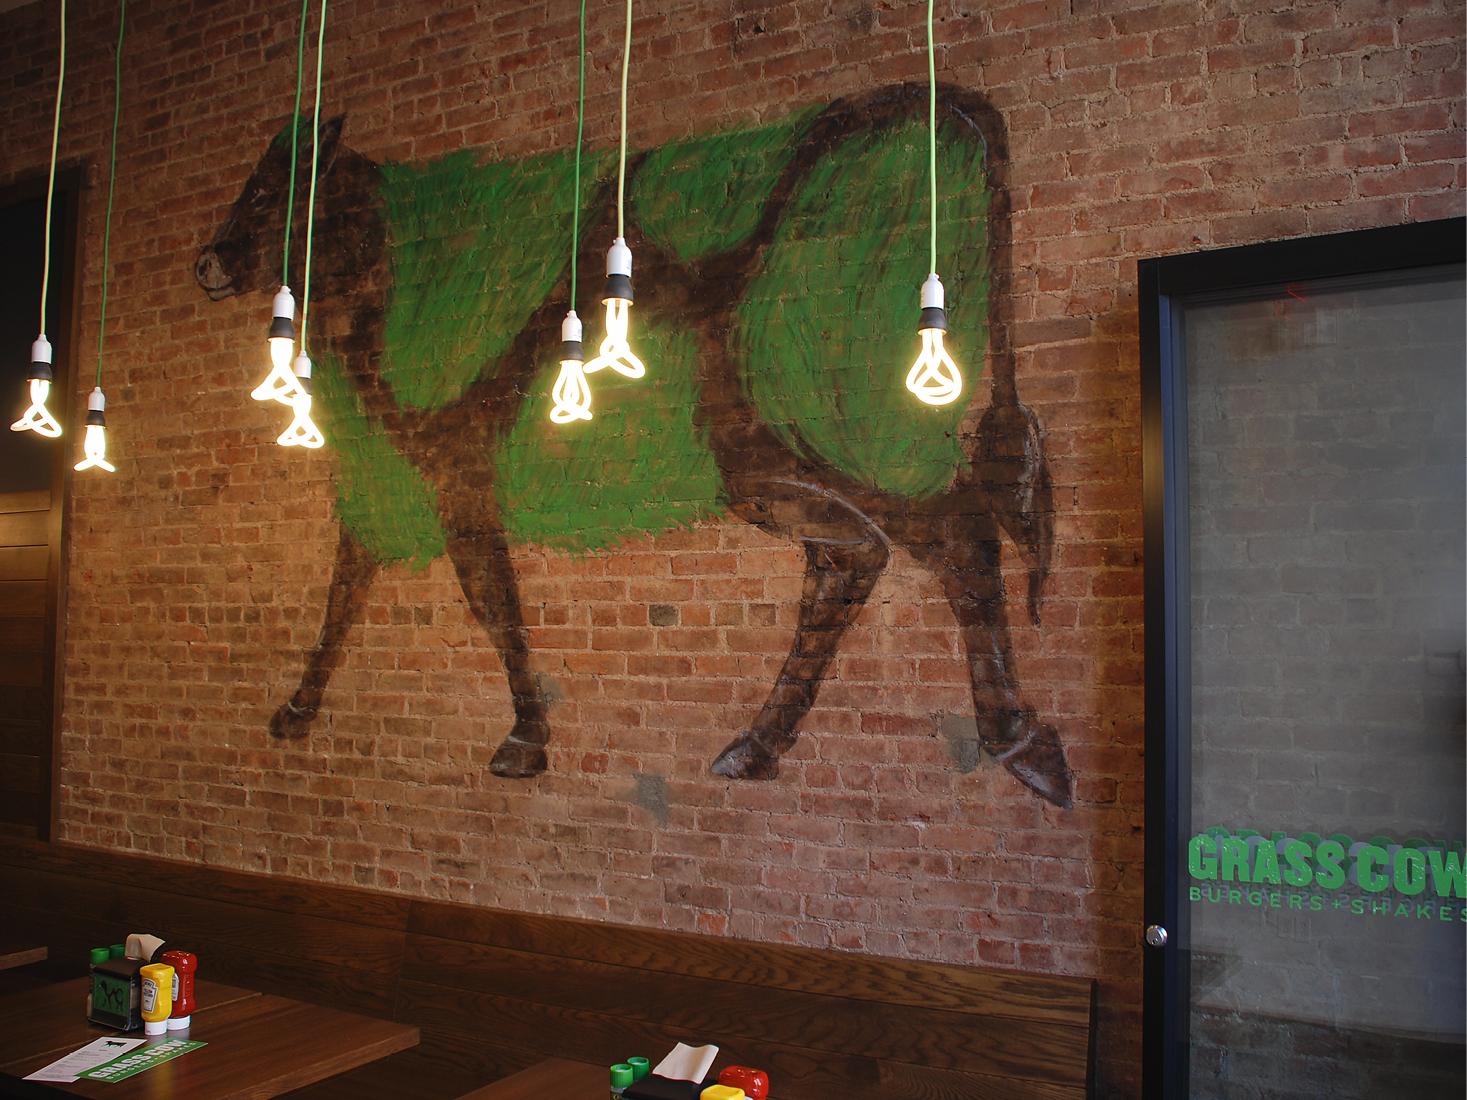 DMD_Mural_Grass Cow 02_96.jpg